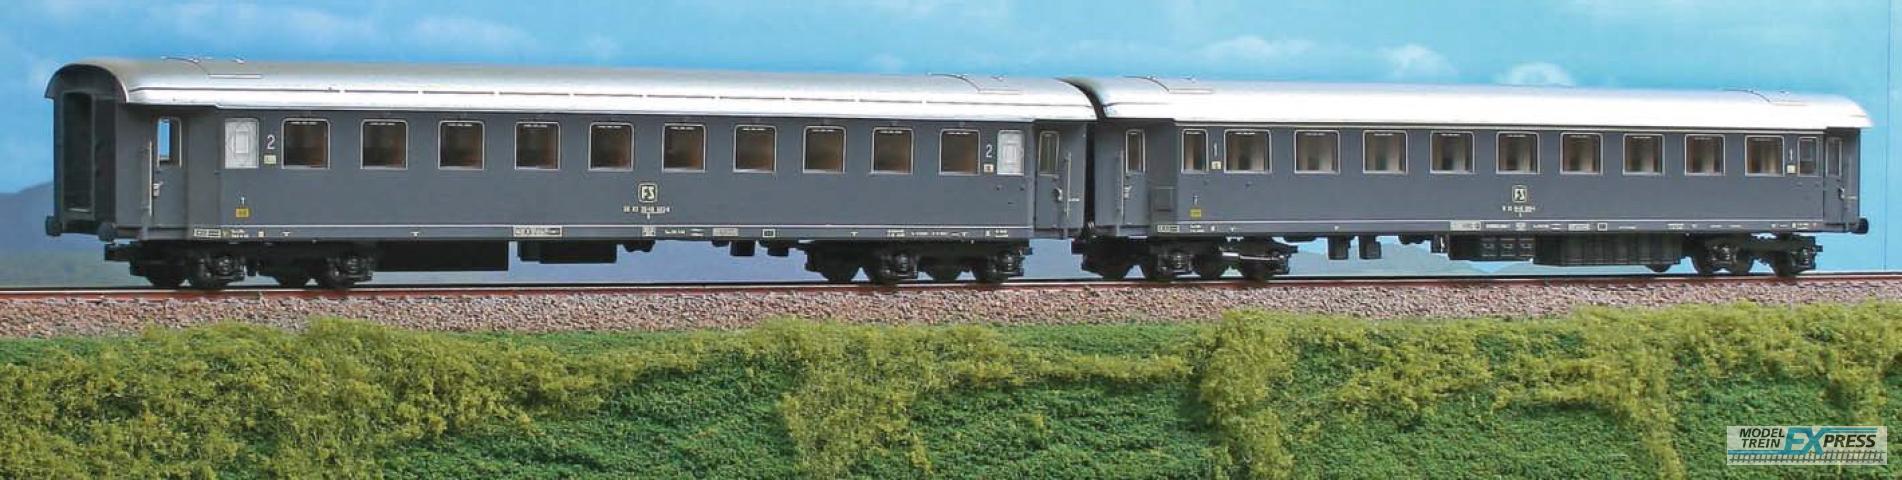 ACME 55160